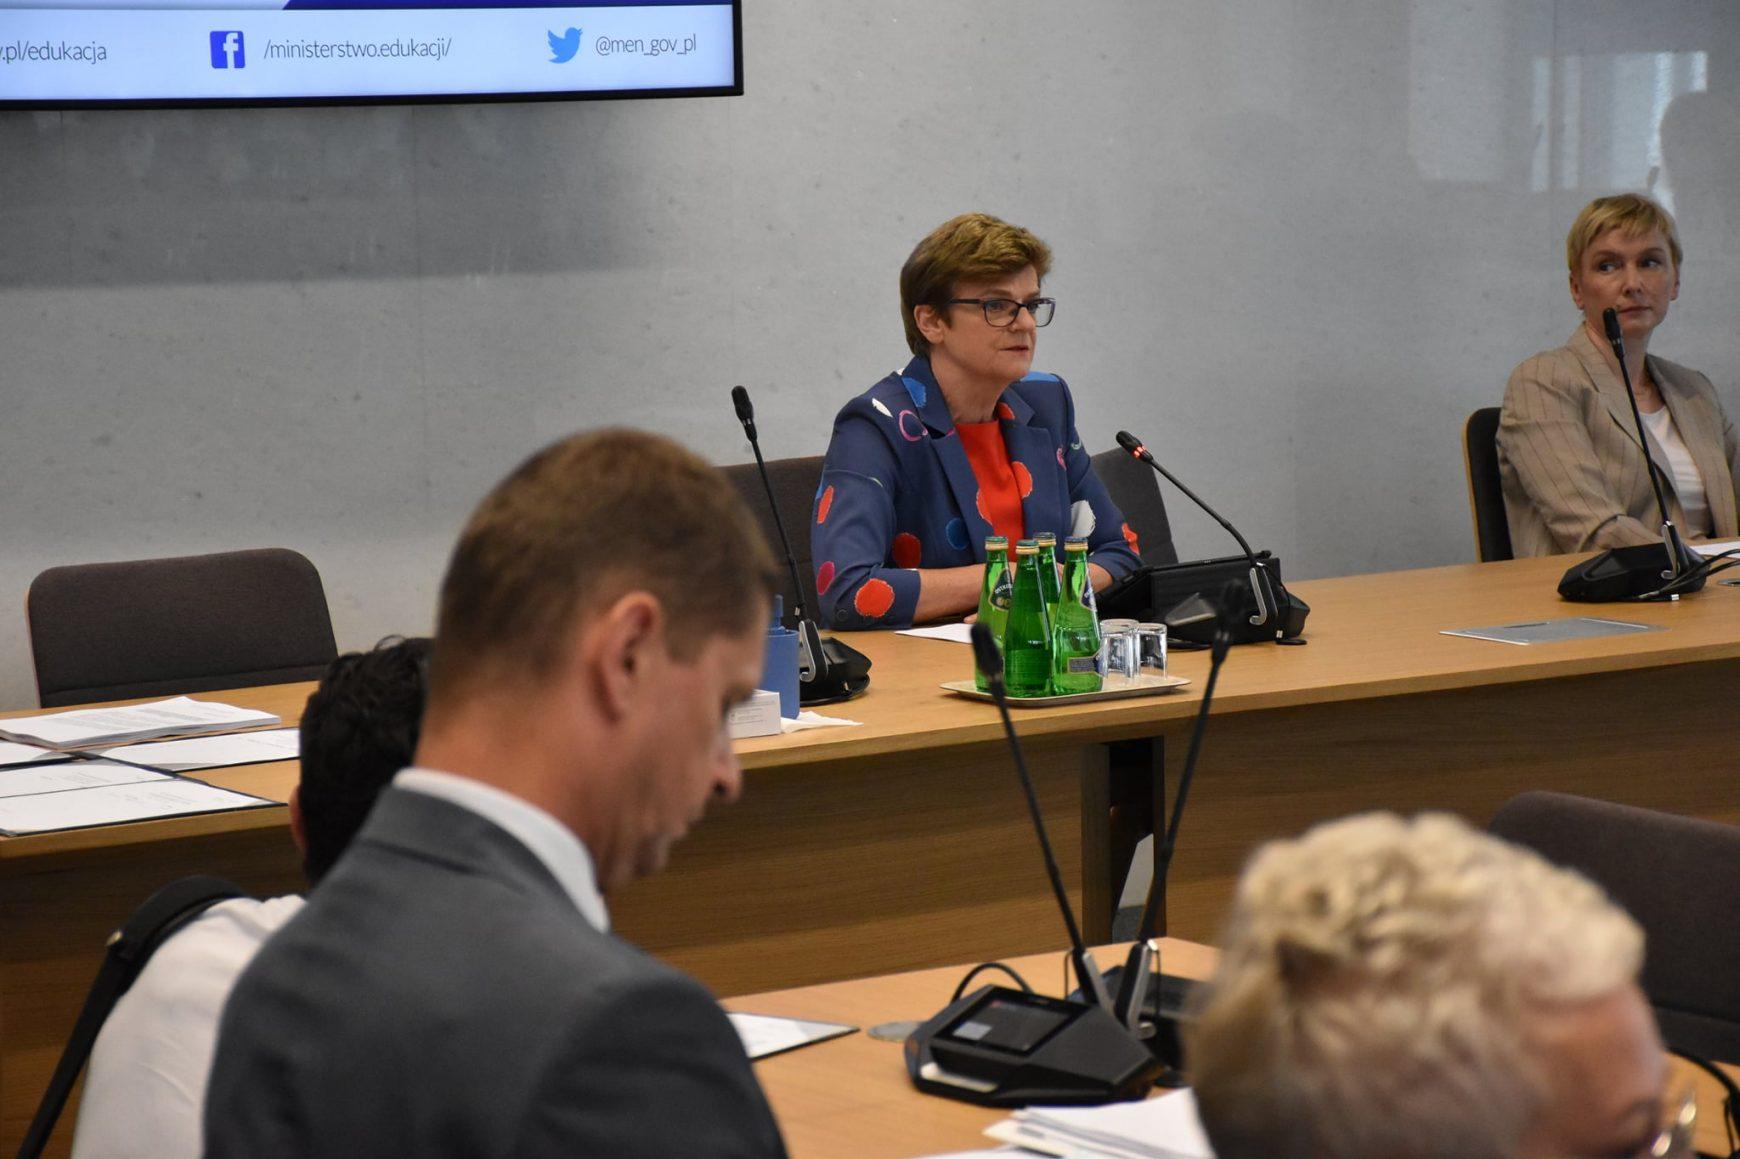 Komisji Edukacji, Nauki i Młodzieży w sprawie powrotu uczniów do szkół